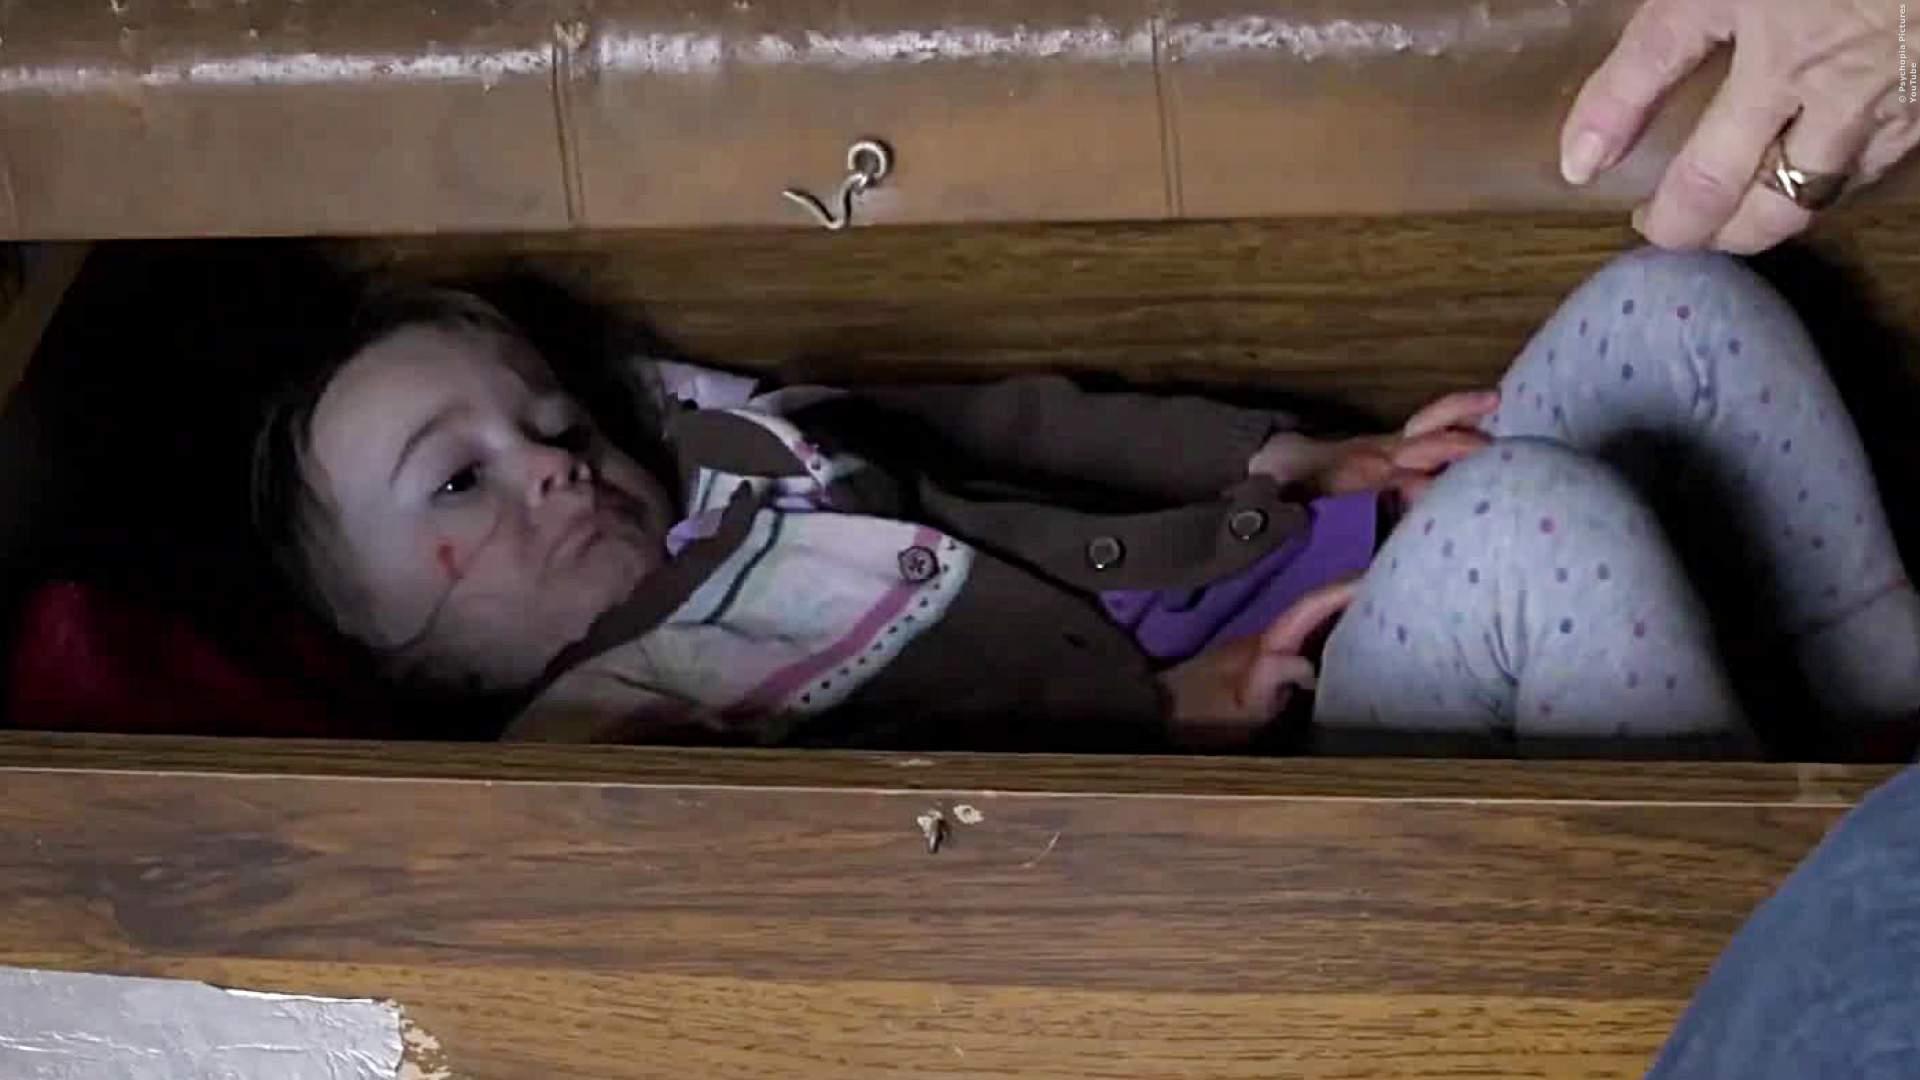 HORROR: Sekte klaut Baby - Mutter läuft Amok - Trailer zum neuen Schocker